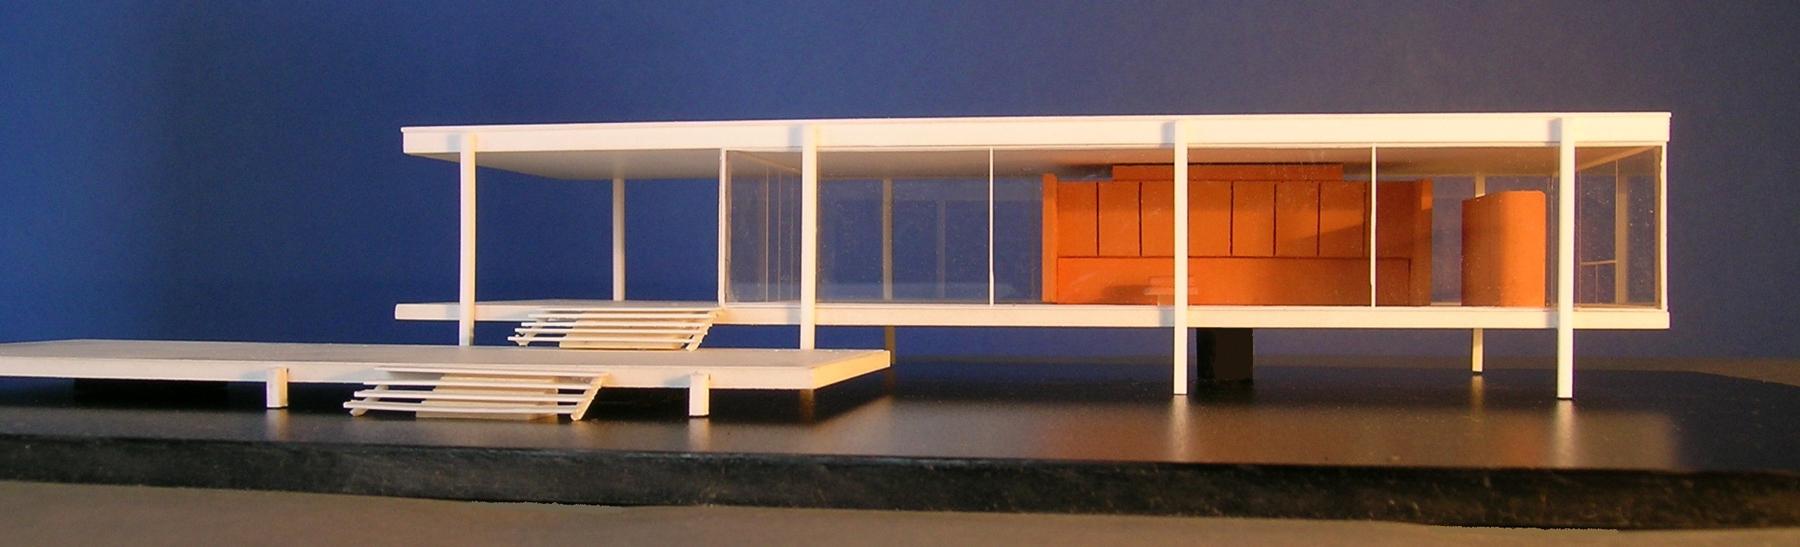 Il Plastico della Farnsworth house